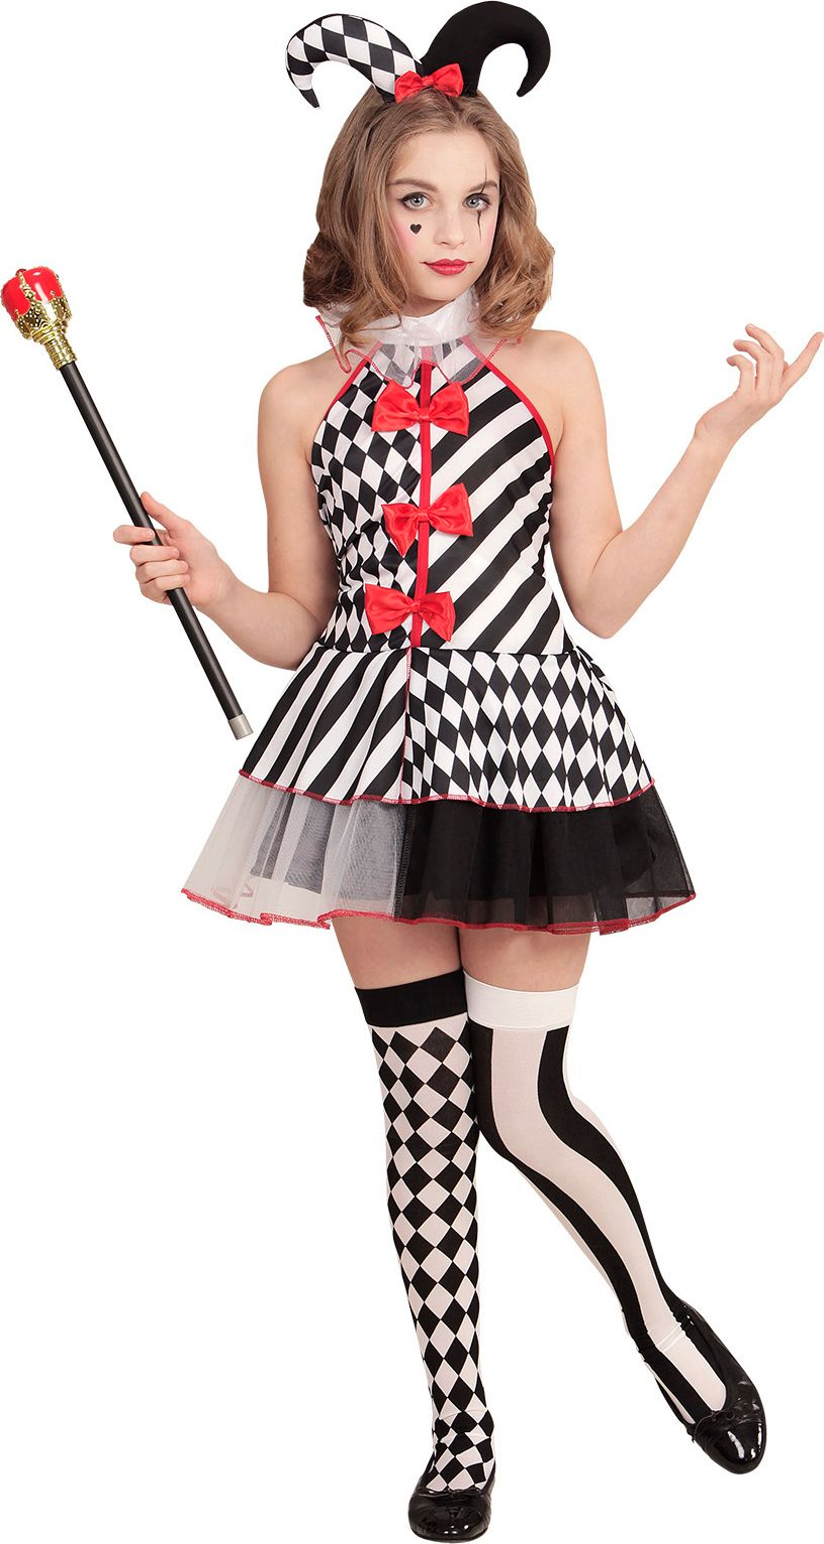 Harlequin jurk meisjes